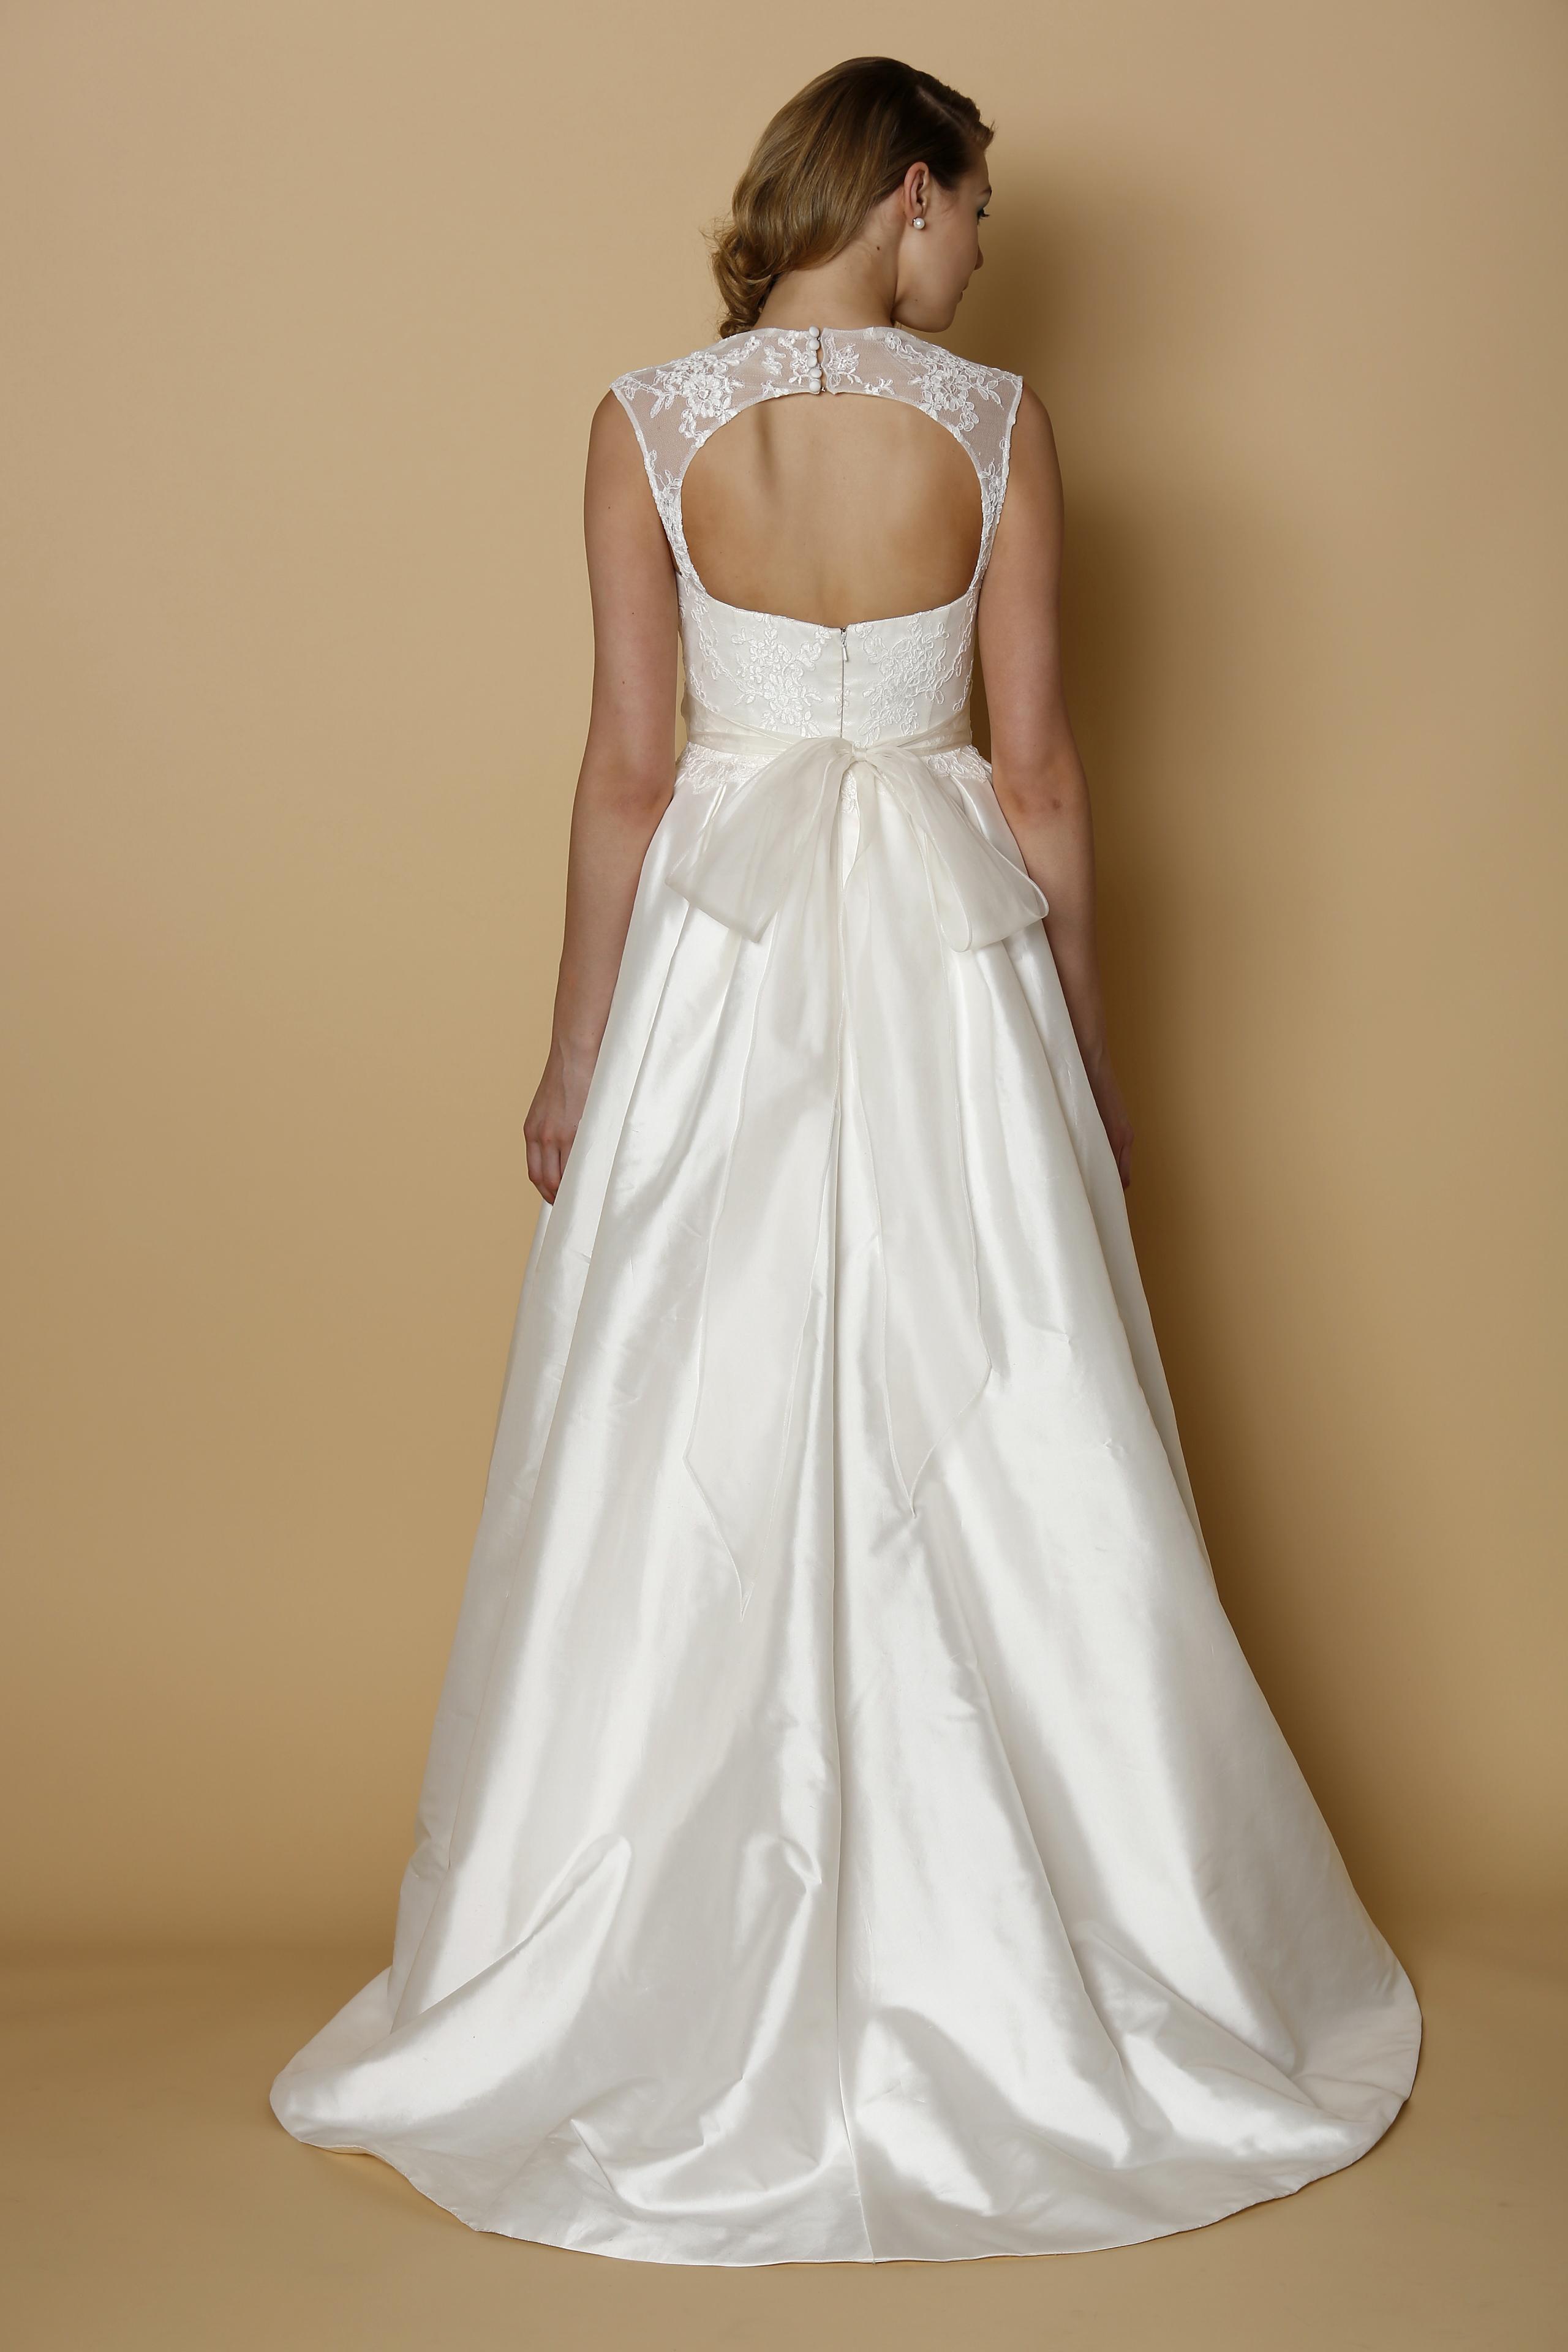 Alyne spring summer 2014 wedding dress cassina for Spring summer wedding dresses